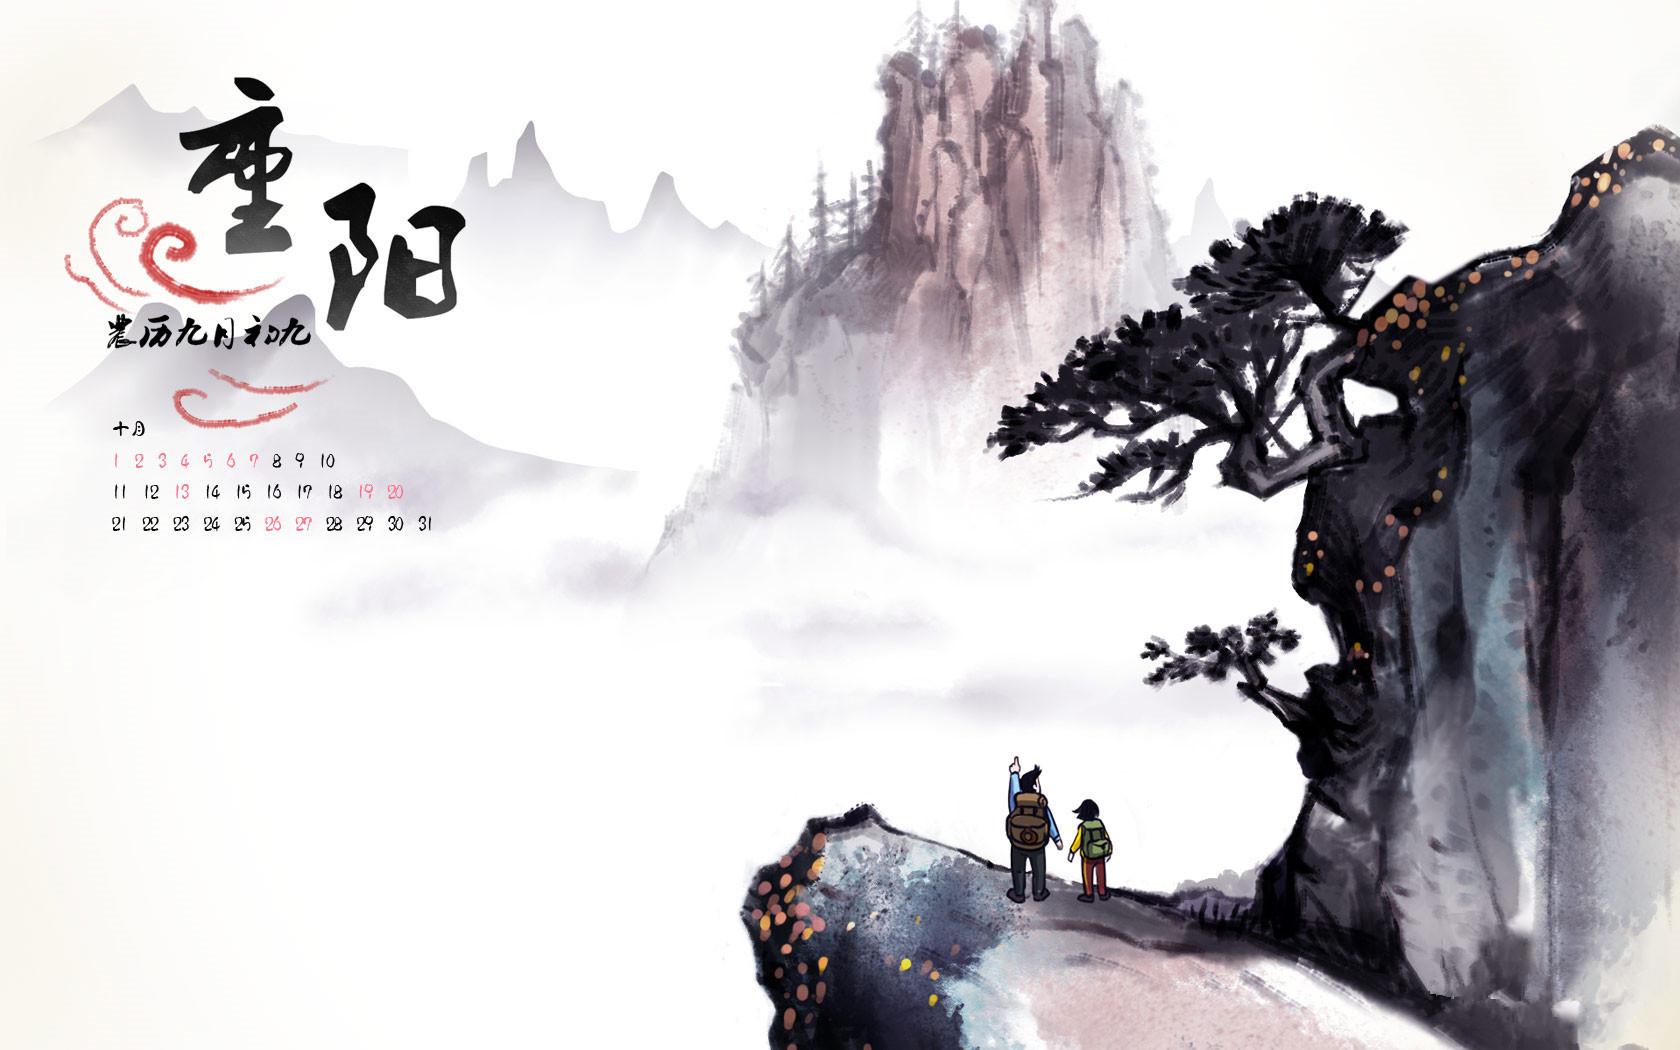 重阳节日十月ppt背景图片下载_幻灯片模板免费下载